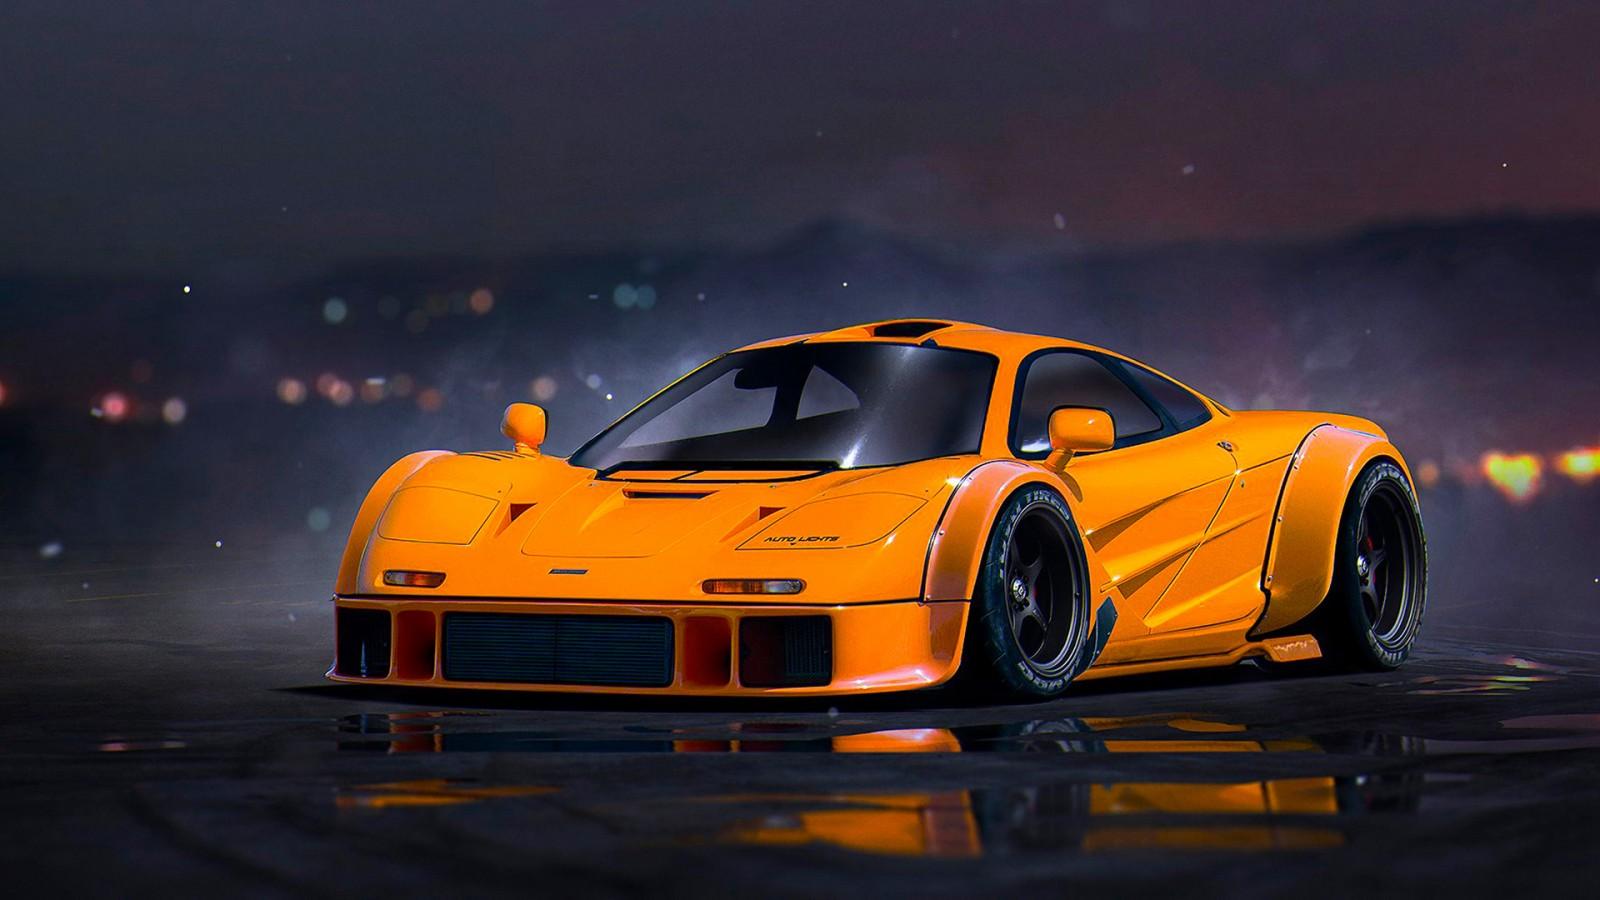 Mclaren Cars Wallpaper Hd: Mclaren F1 Wallpaper